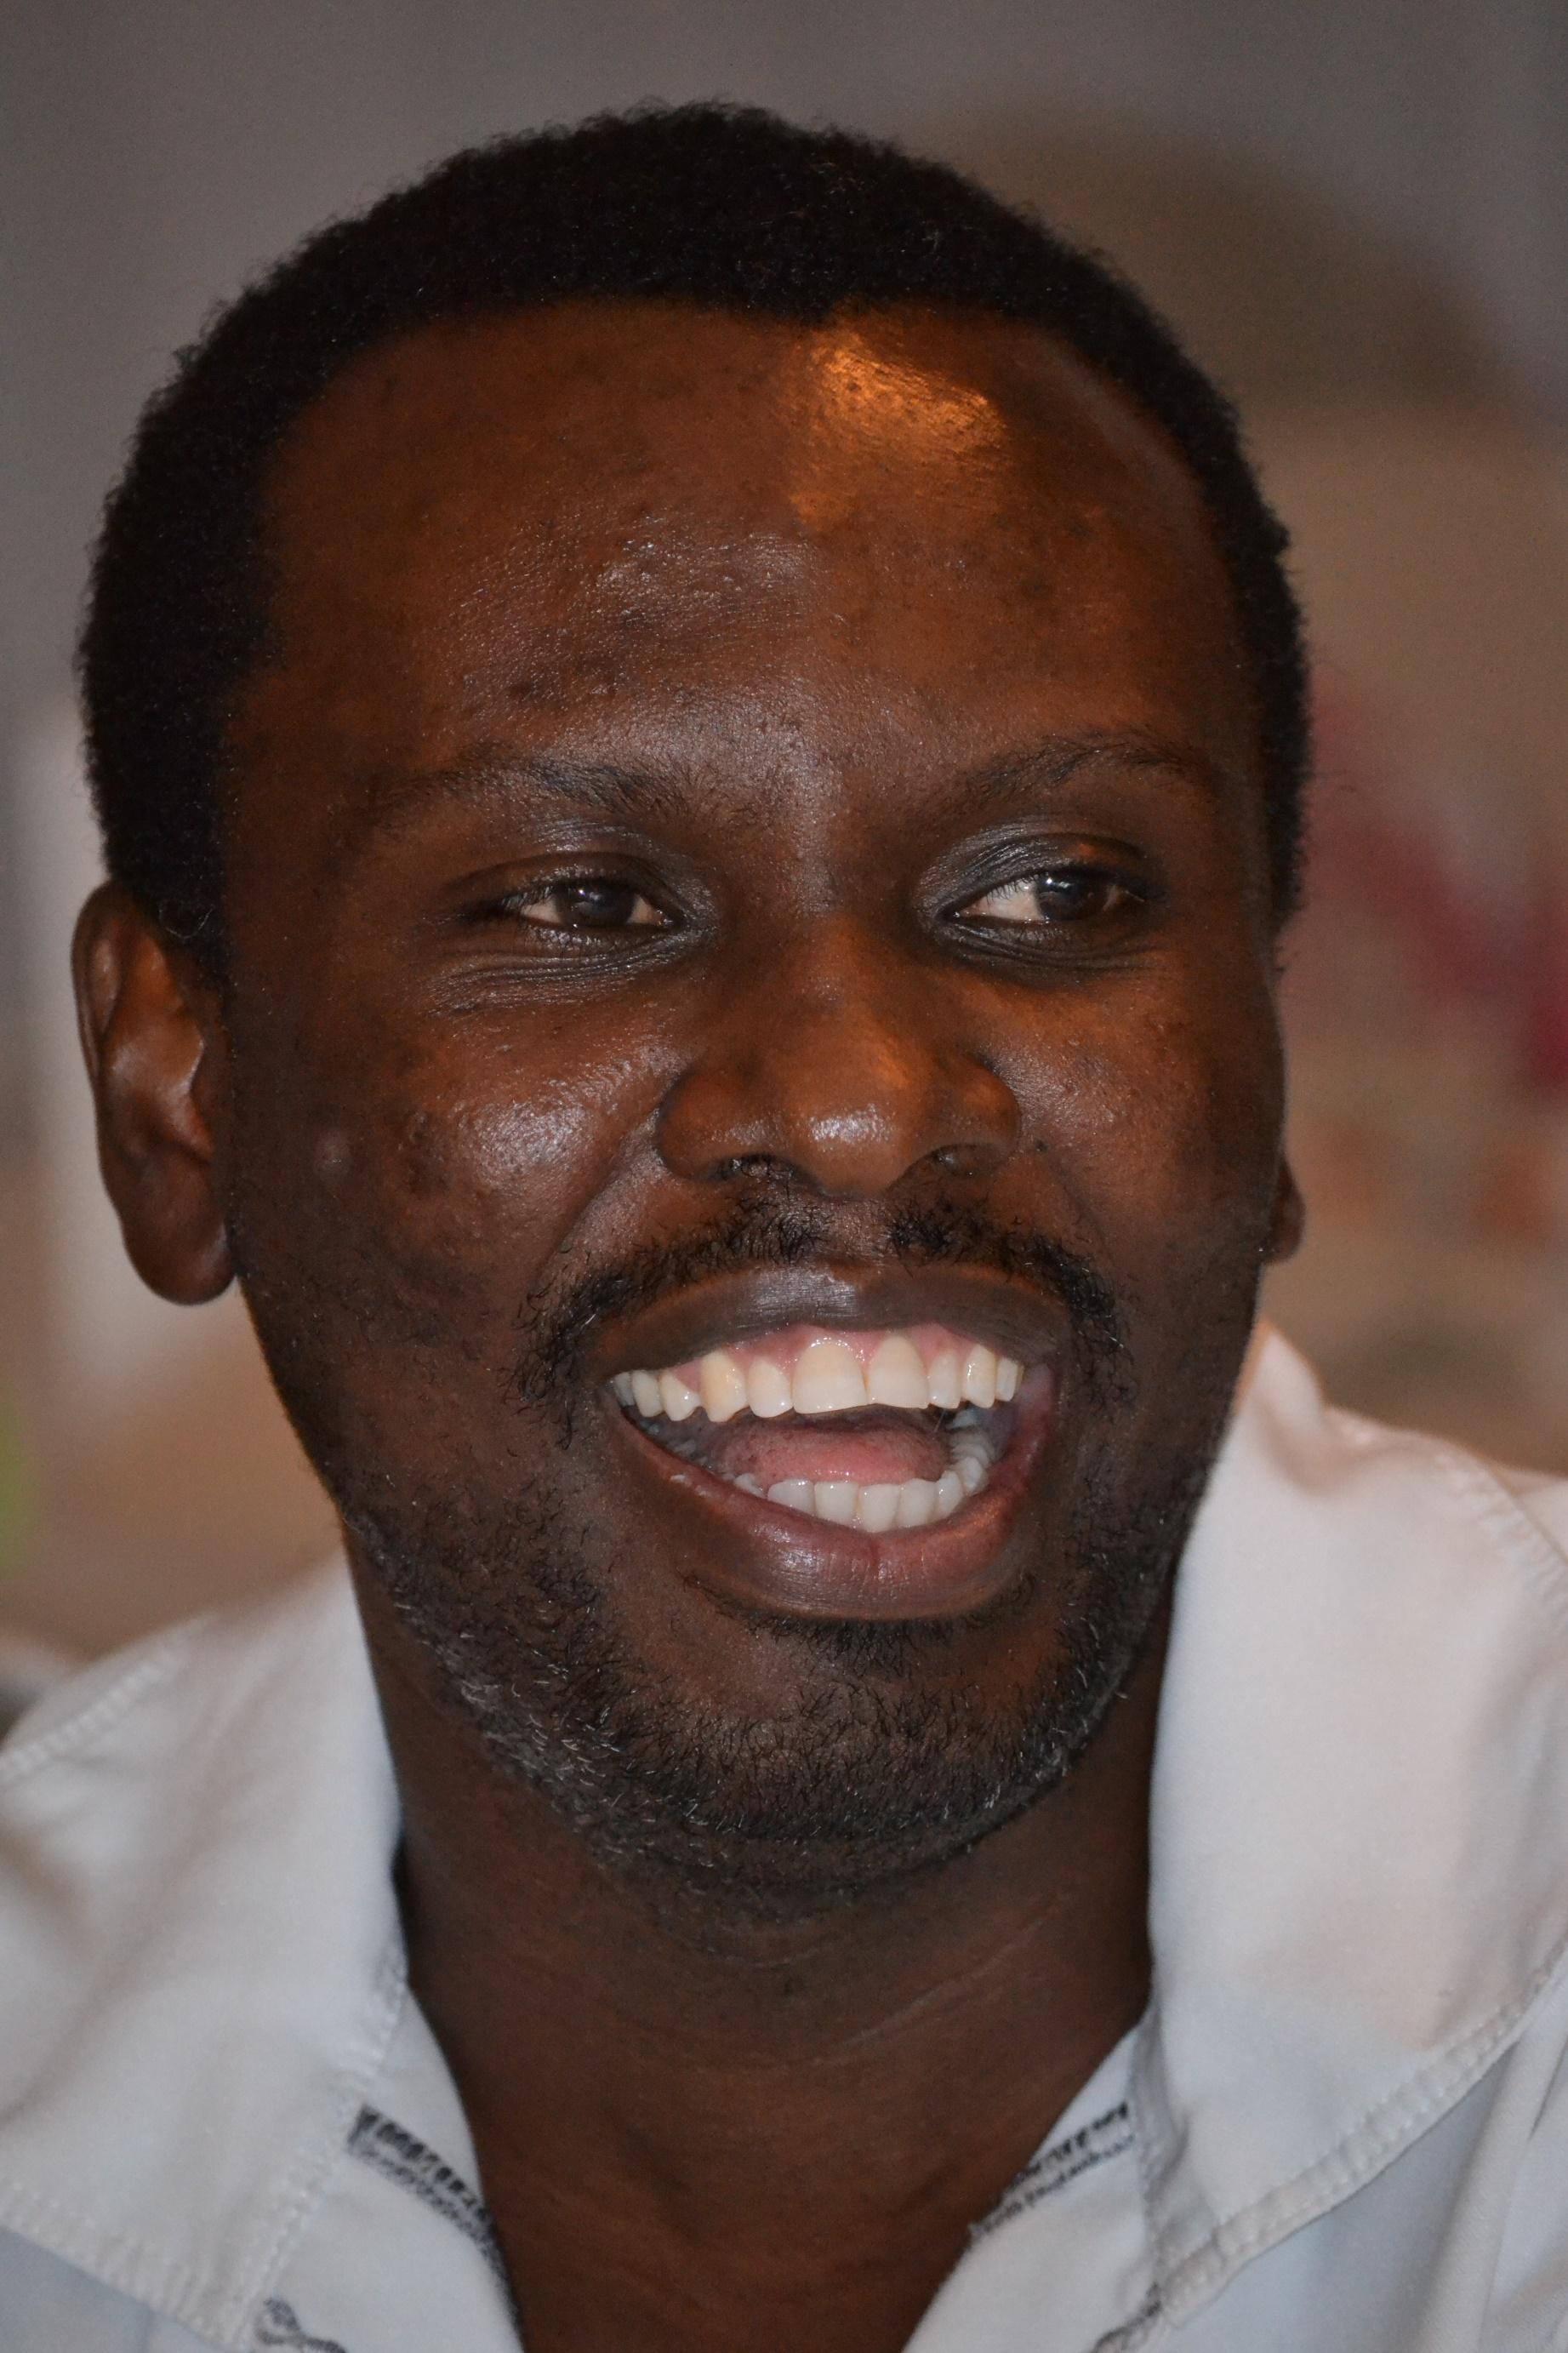 Rudzani Muloiwa